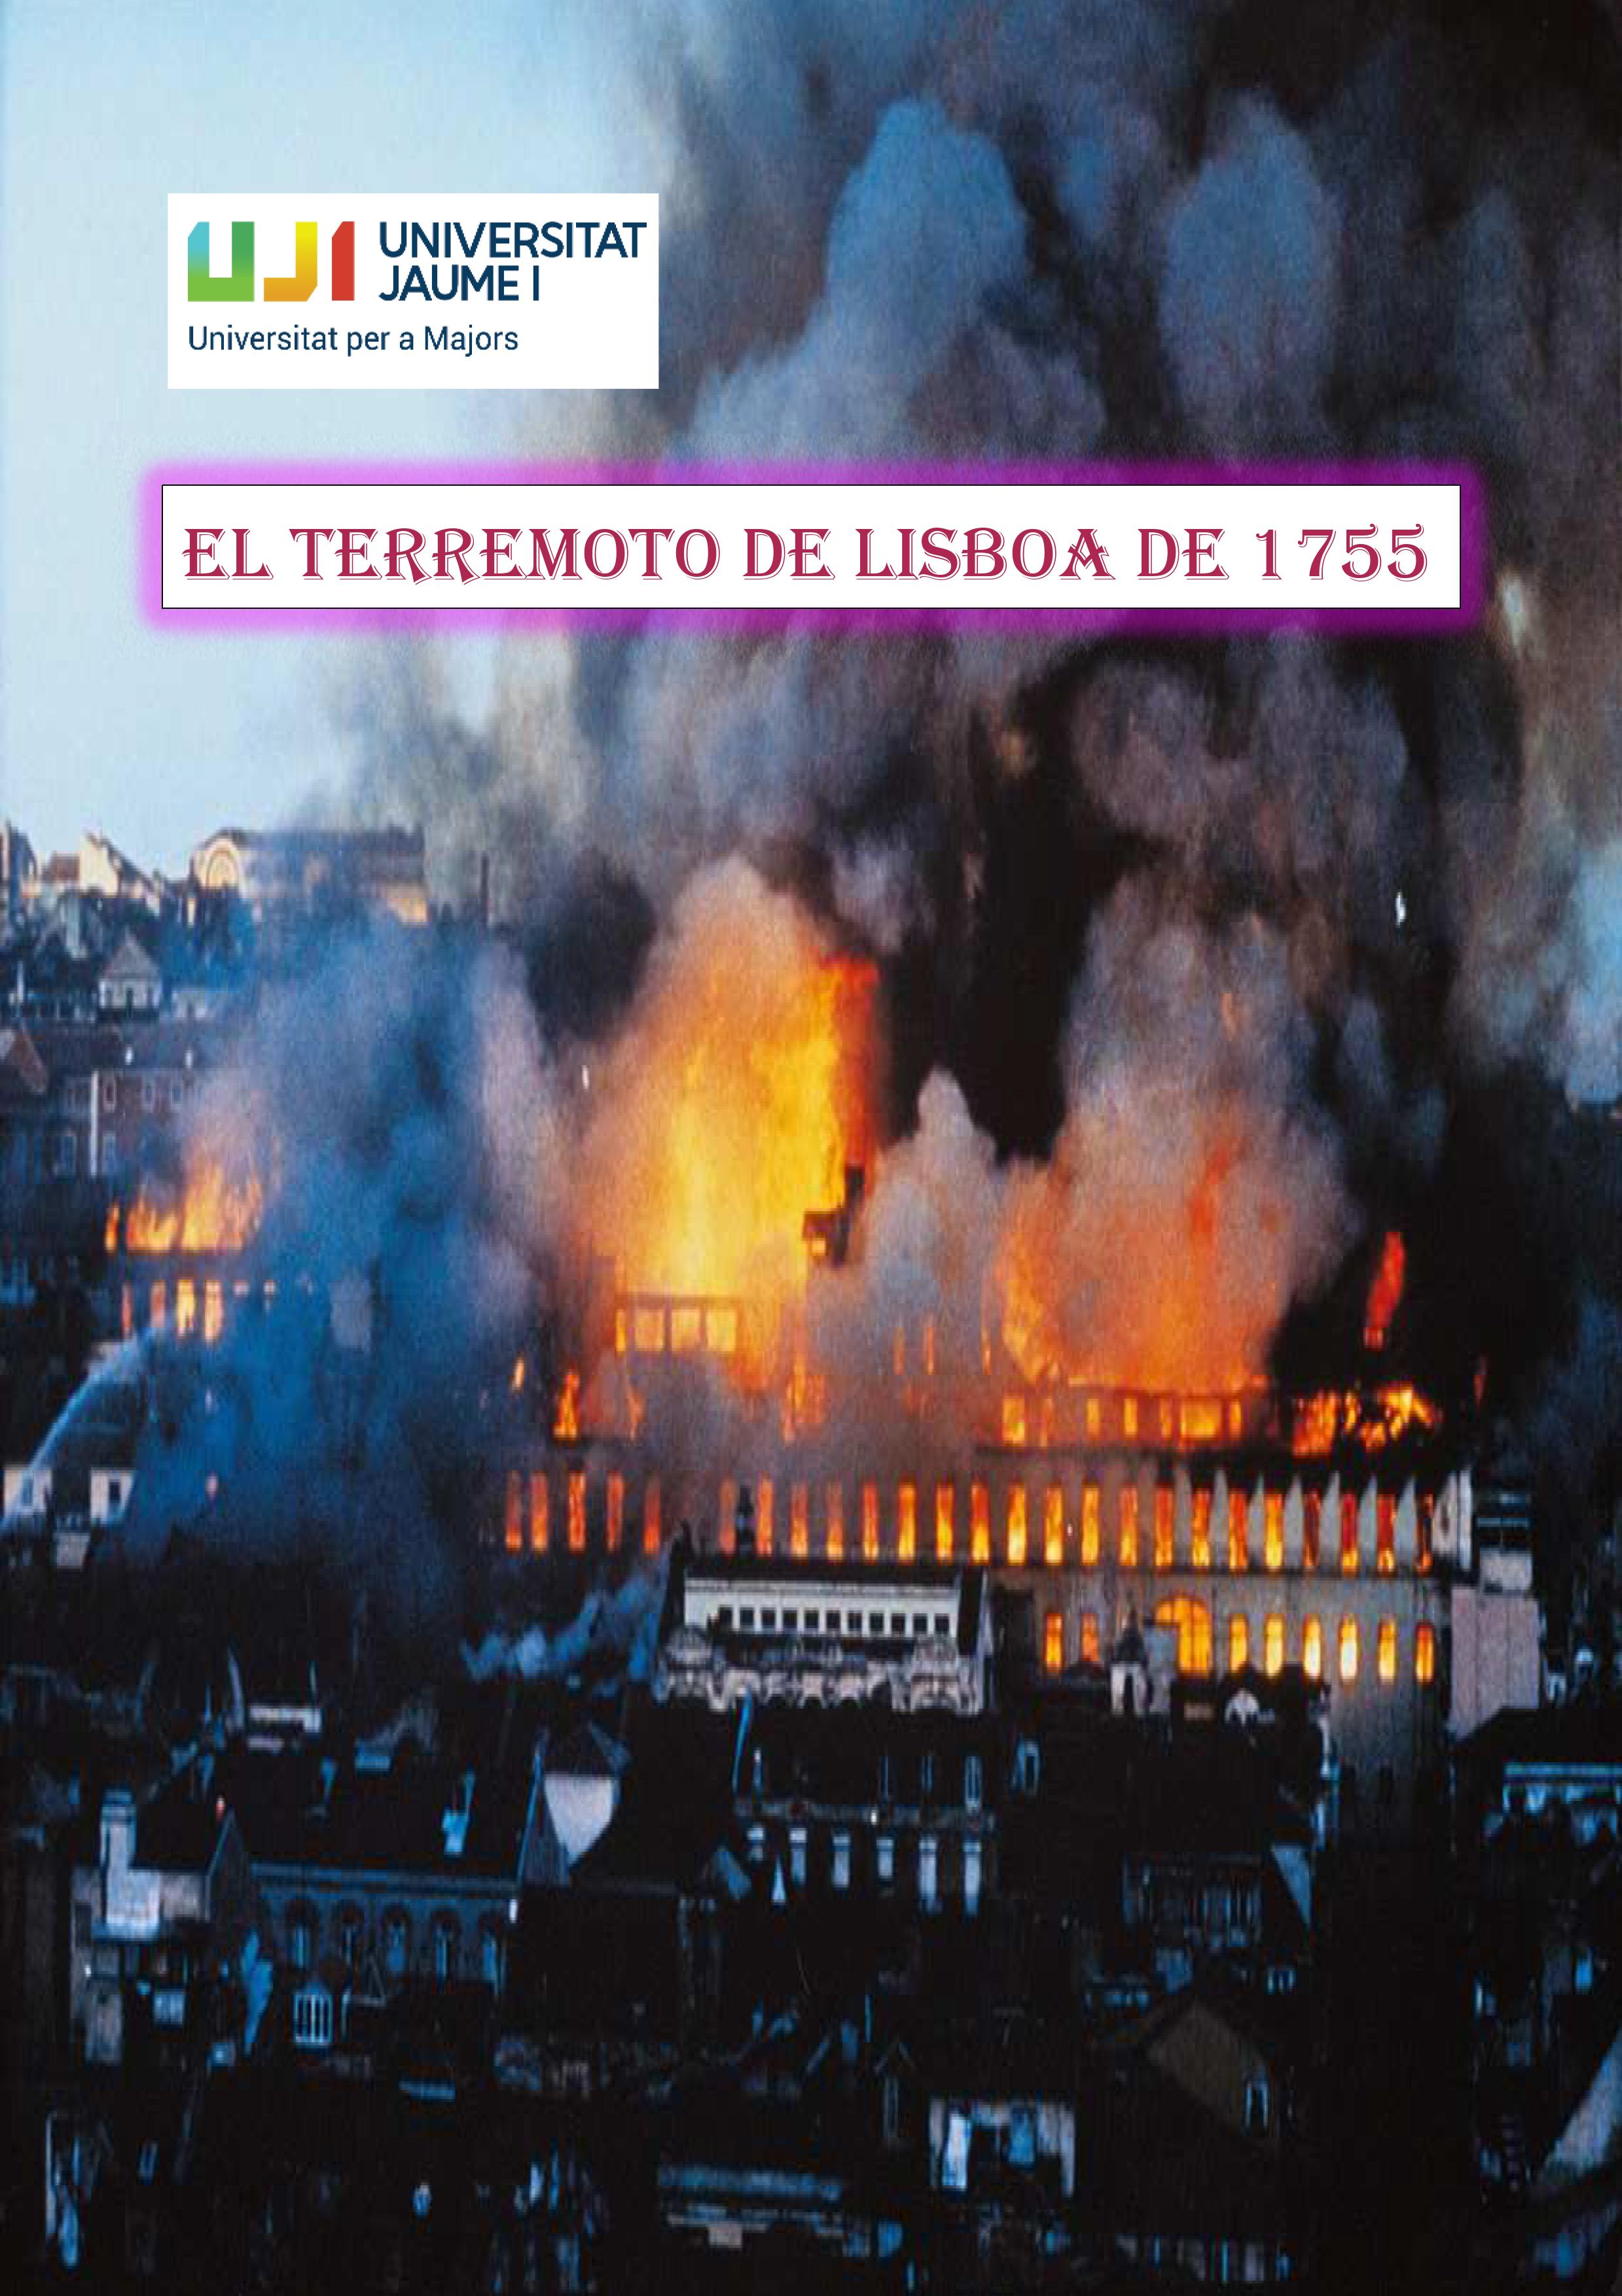 El-TERREMOTO-DE-LISBOA-DE-1755